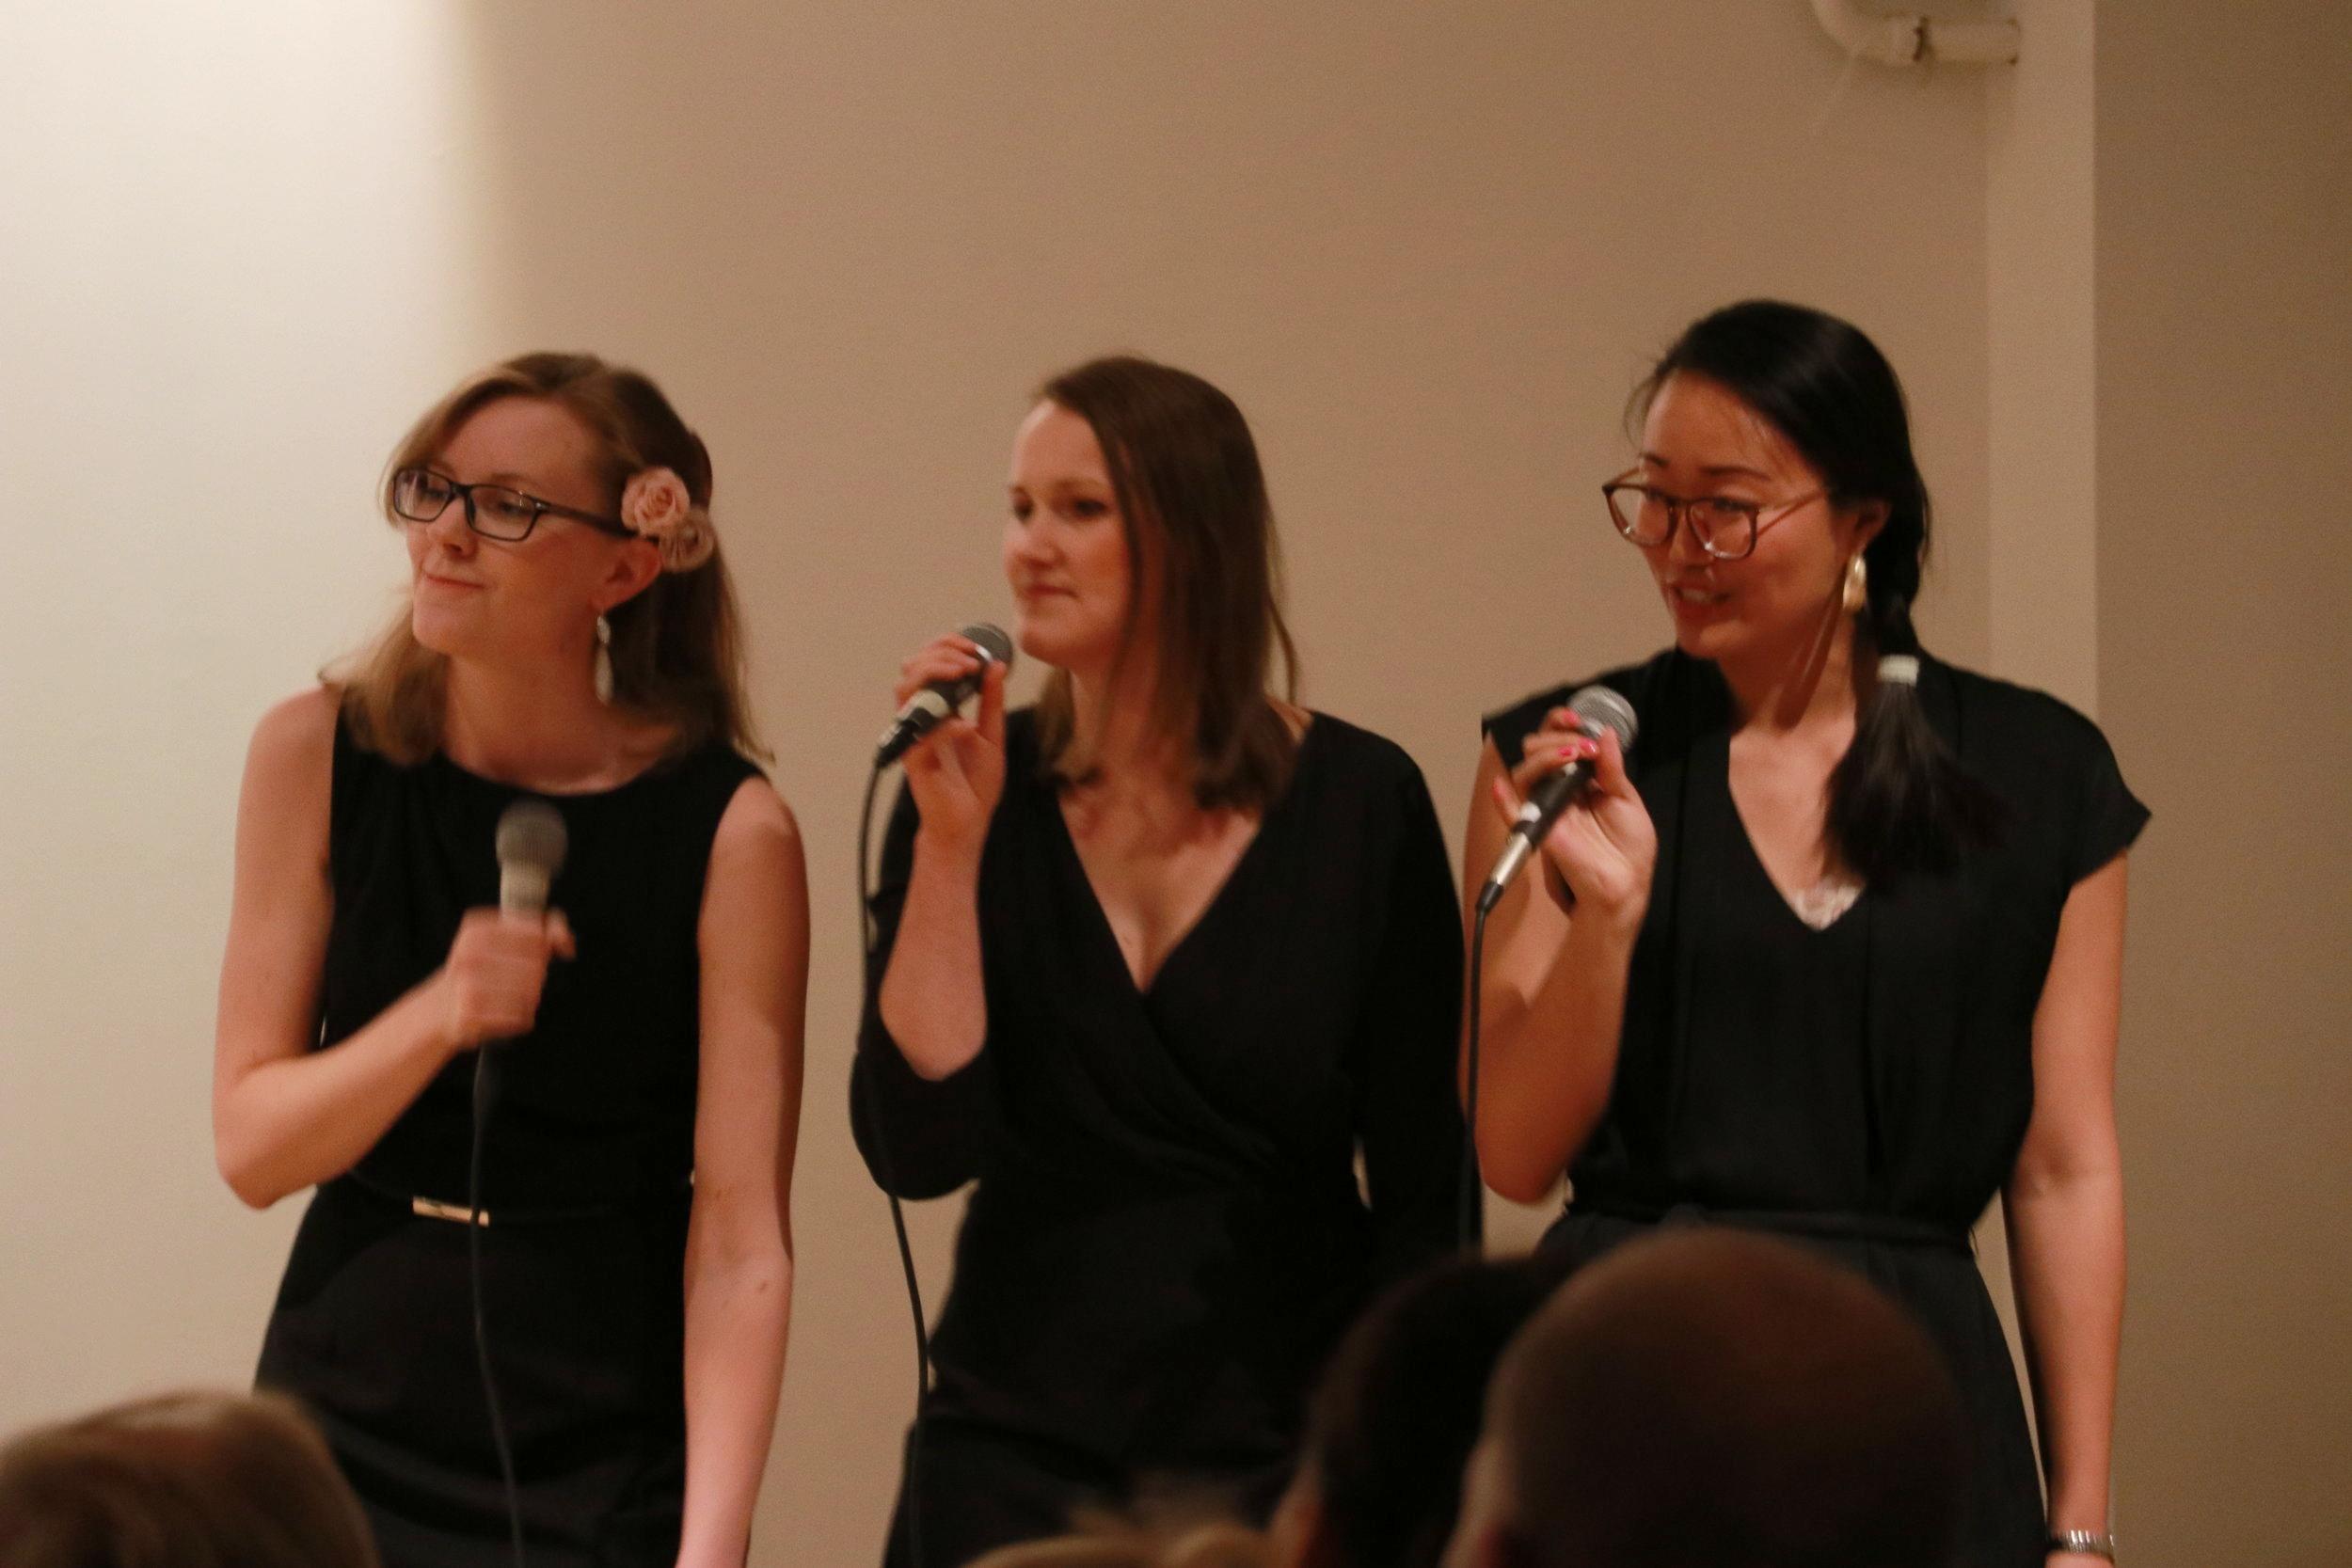 WORKSHOP - DUO / TRIO: stämsång i liten vokalgrupp   En workshopserie på tre tillfällen där du får sjunga i duo eller trio, med soloinslag.